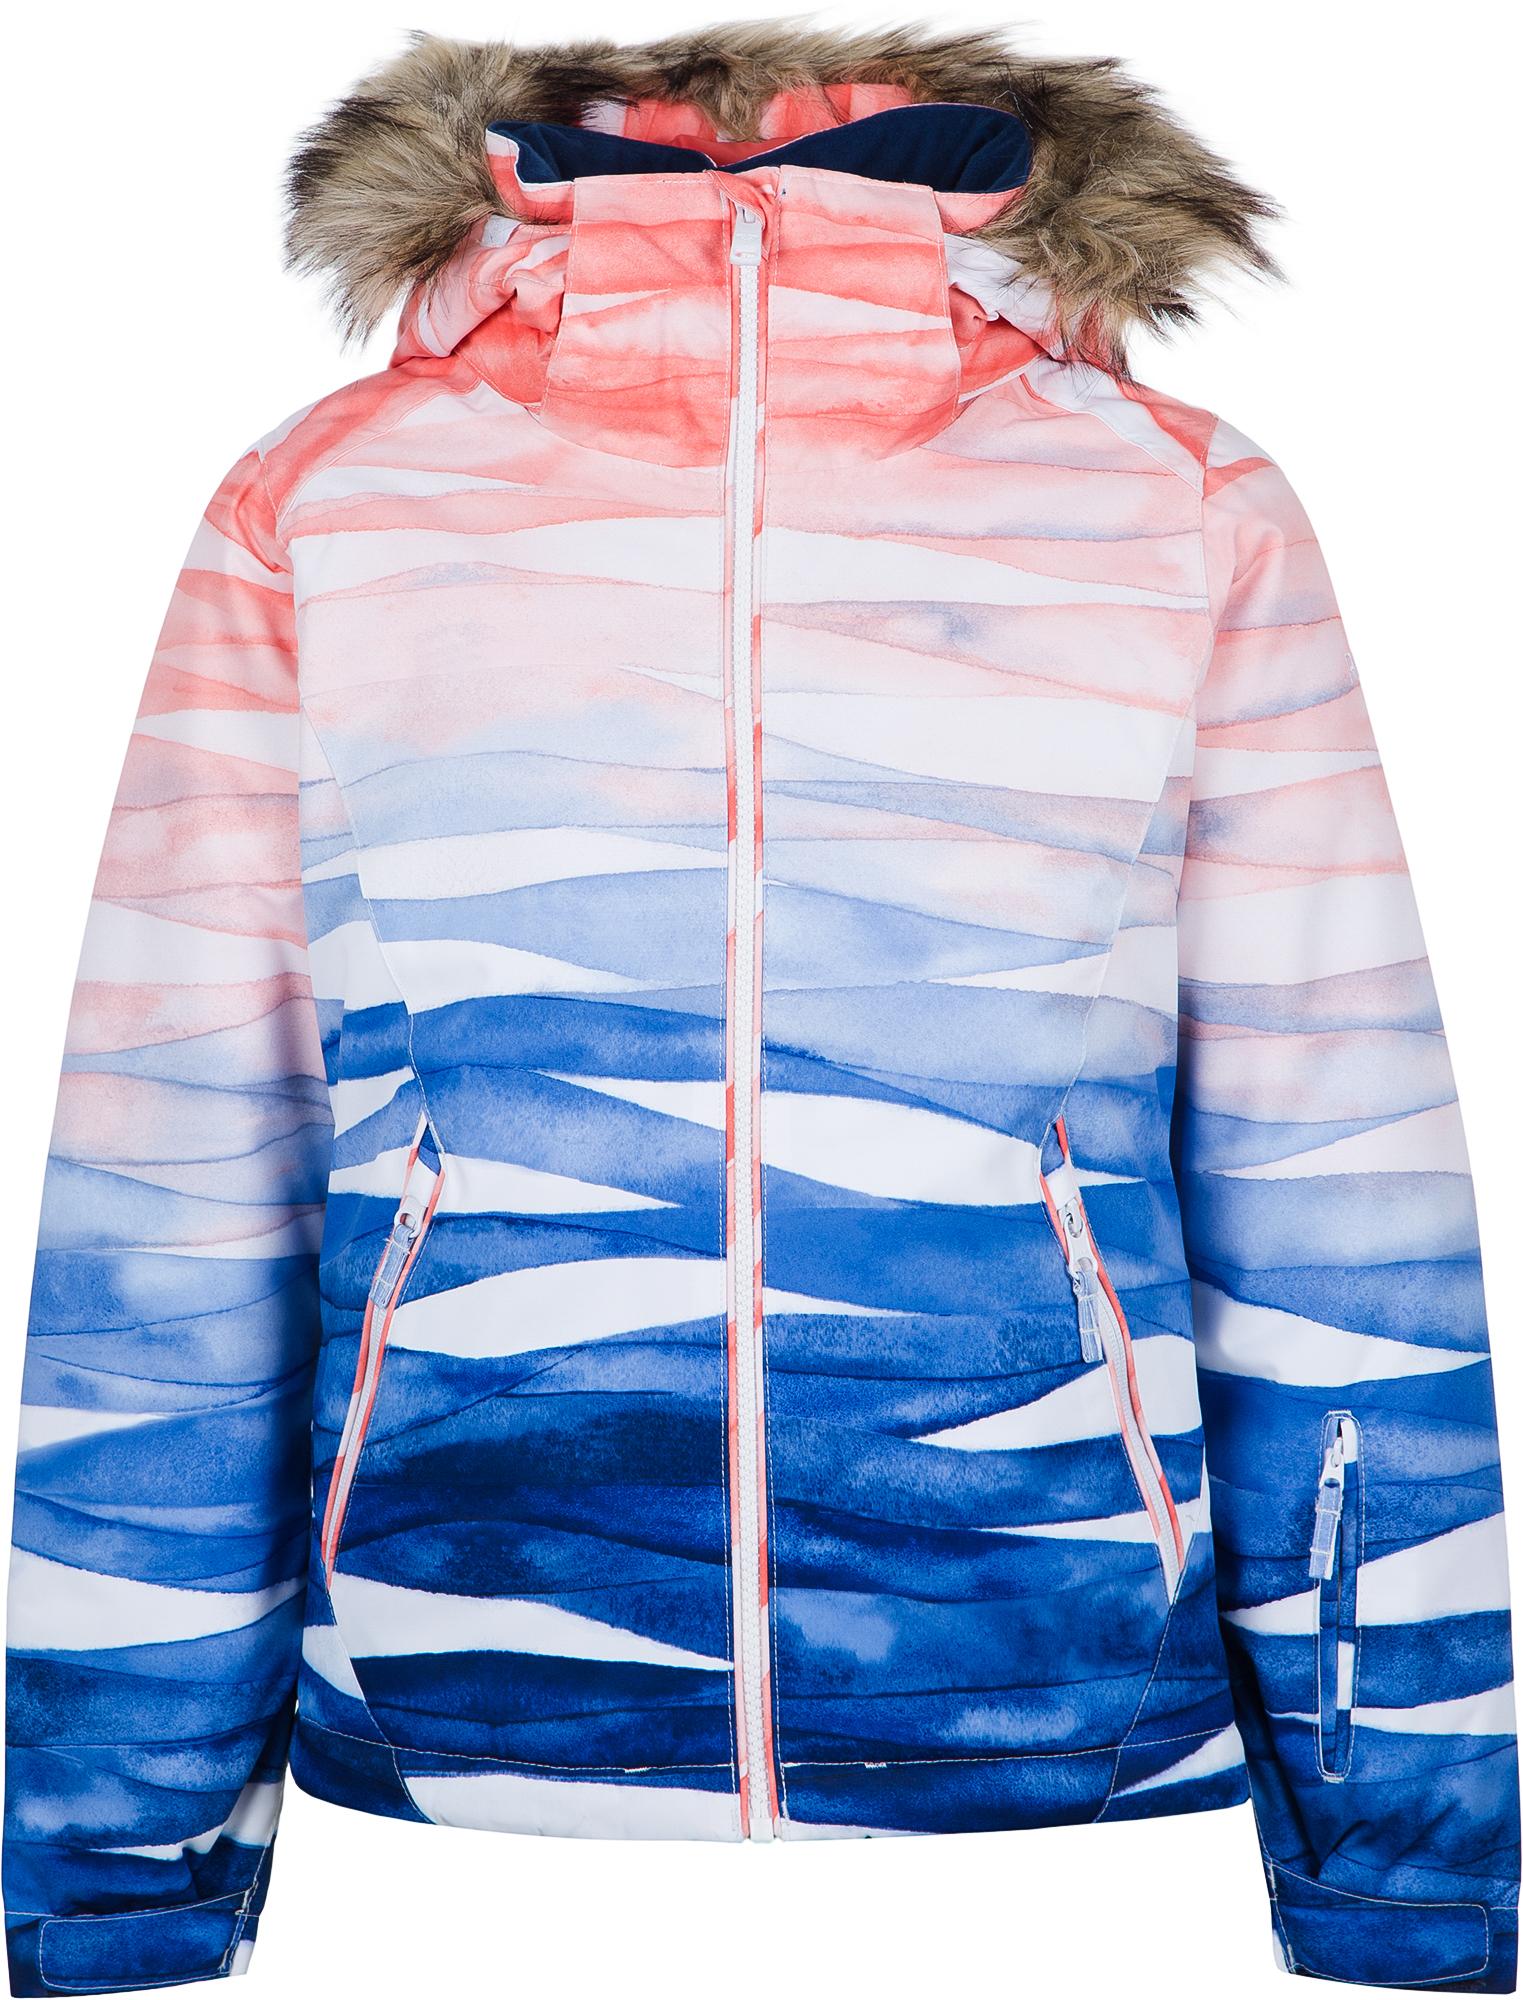 Roxy Куртка утепленная для девочек Roxy Jet Ski, размер 164-170 roxy куртка женская roxy jetty размер 46 48